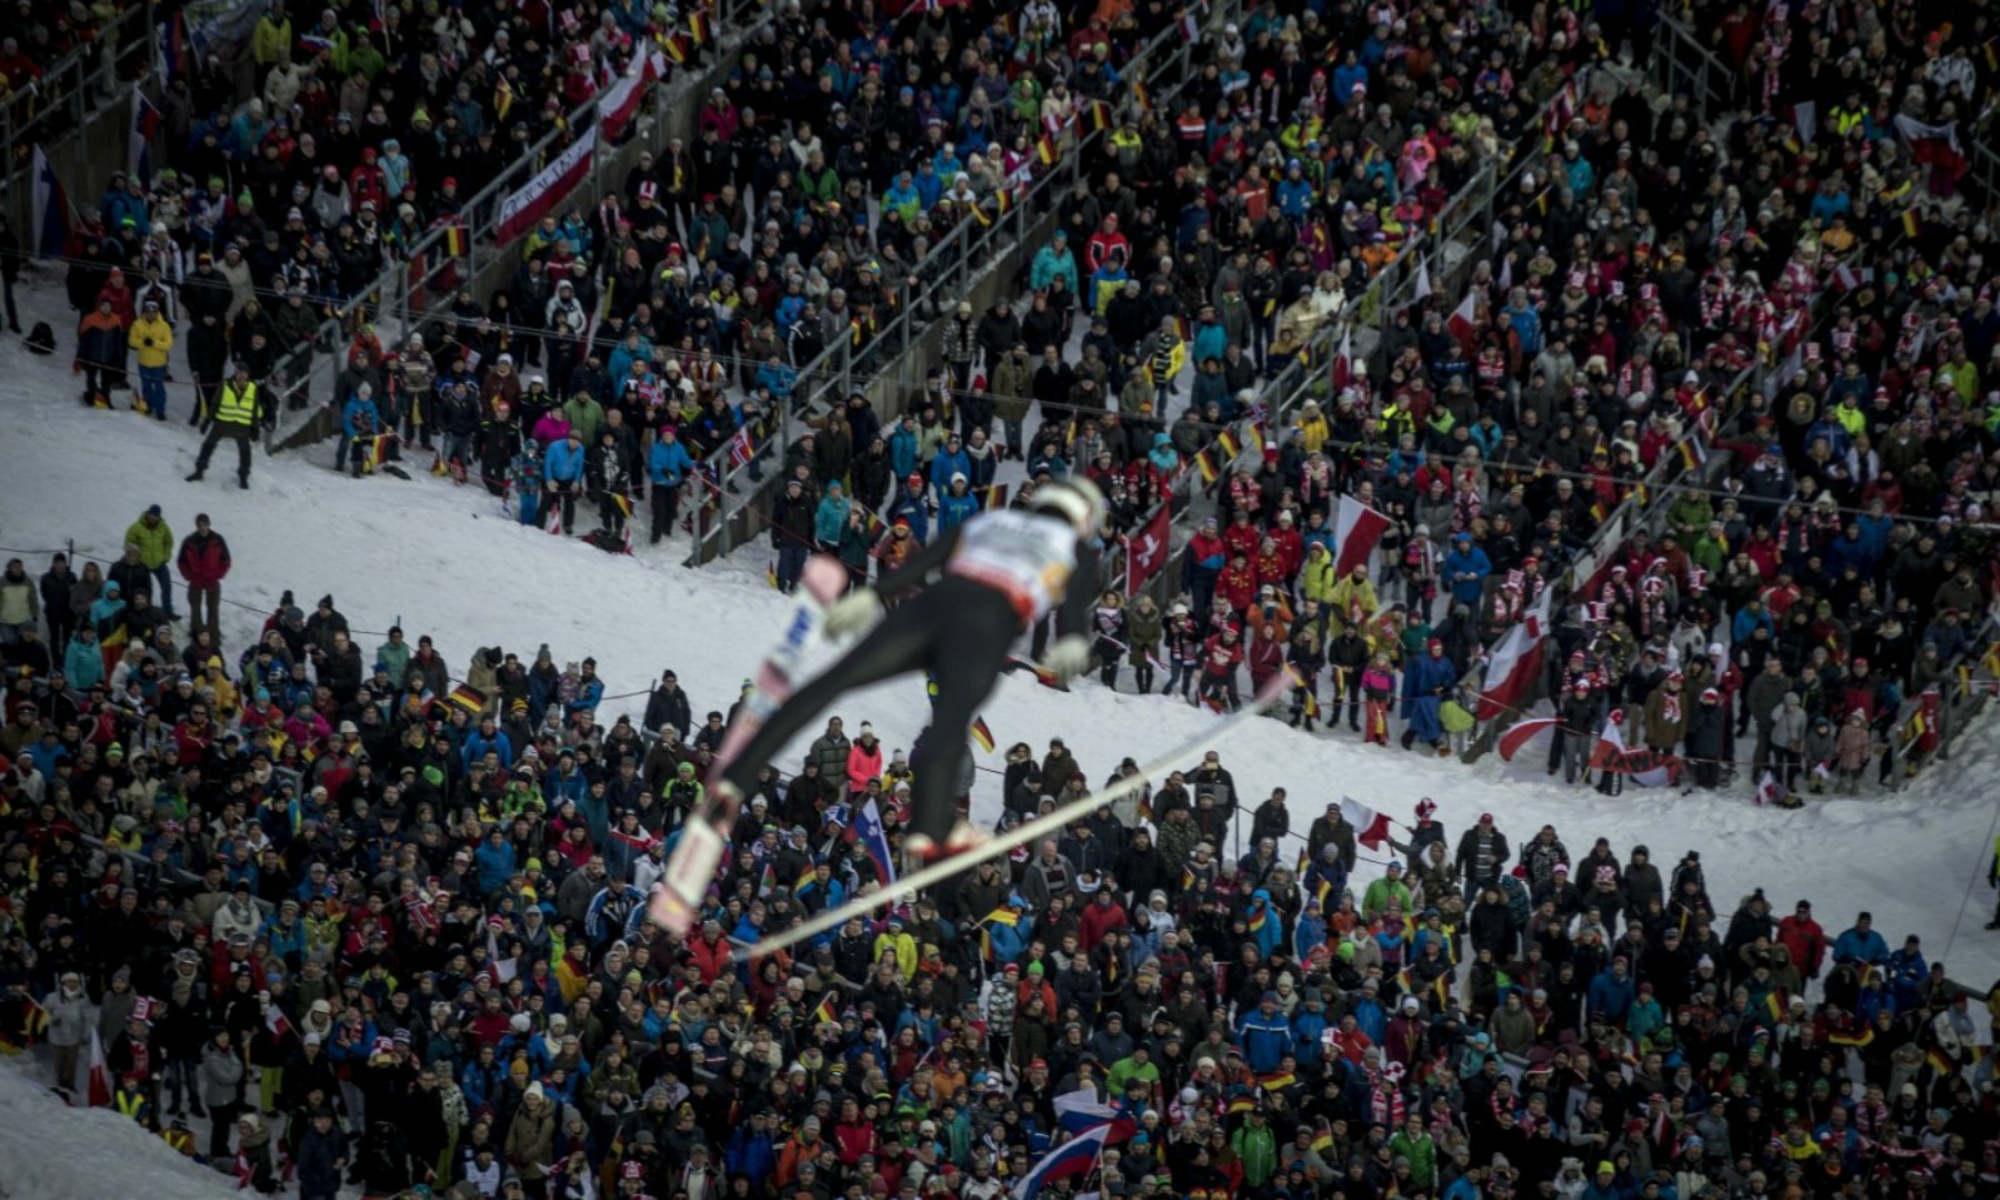 Skispringer beim Absprung von der Skiflugschanze in Oberstdorf vor einer Menschenmasse.